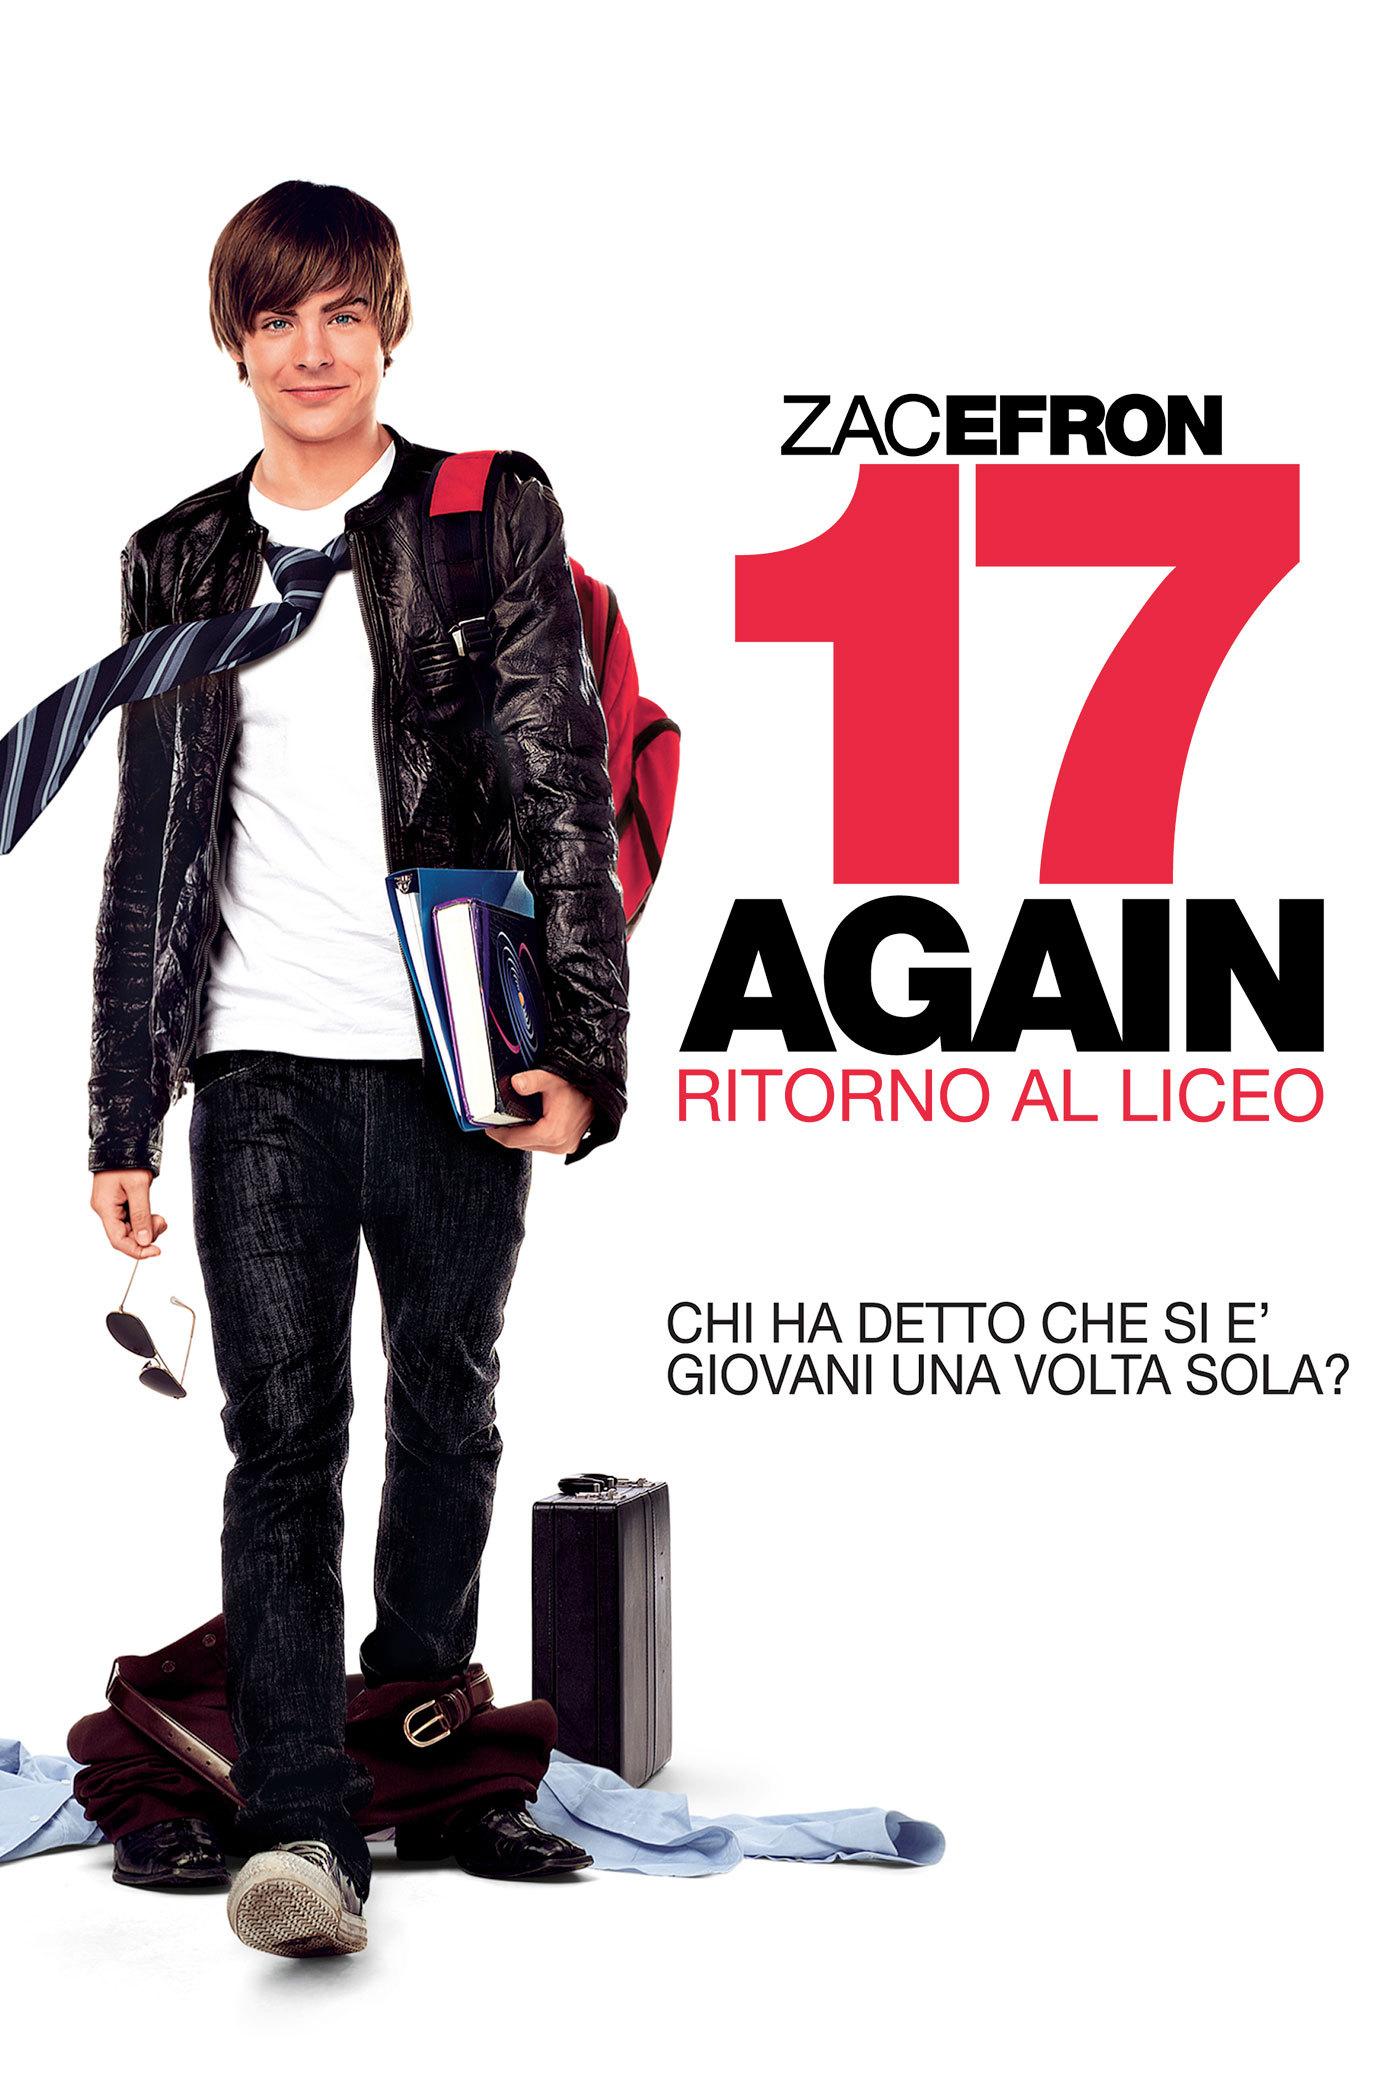 17 Again - Ritorno al liceo